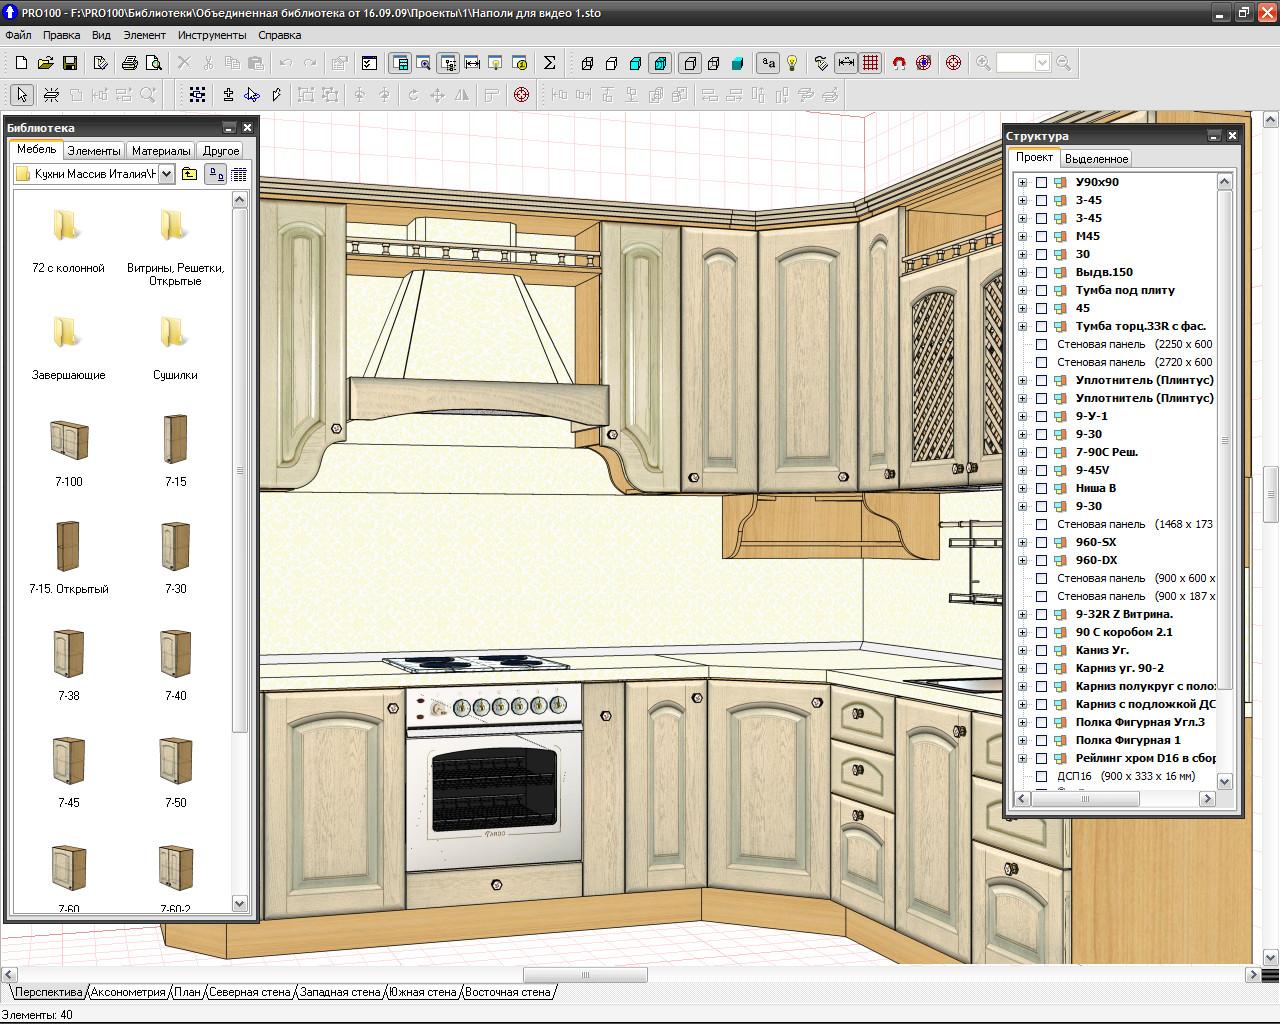 Дизайн кухни программа скачать бесплатно